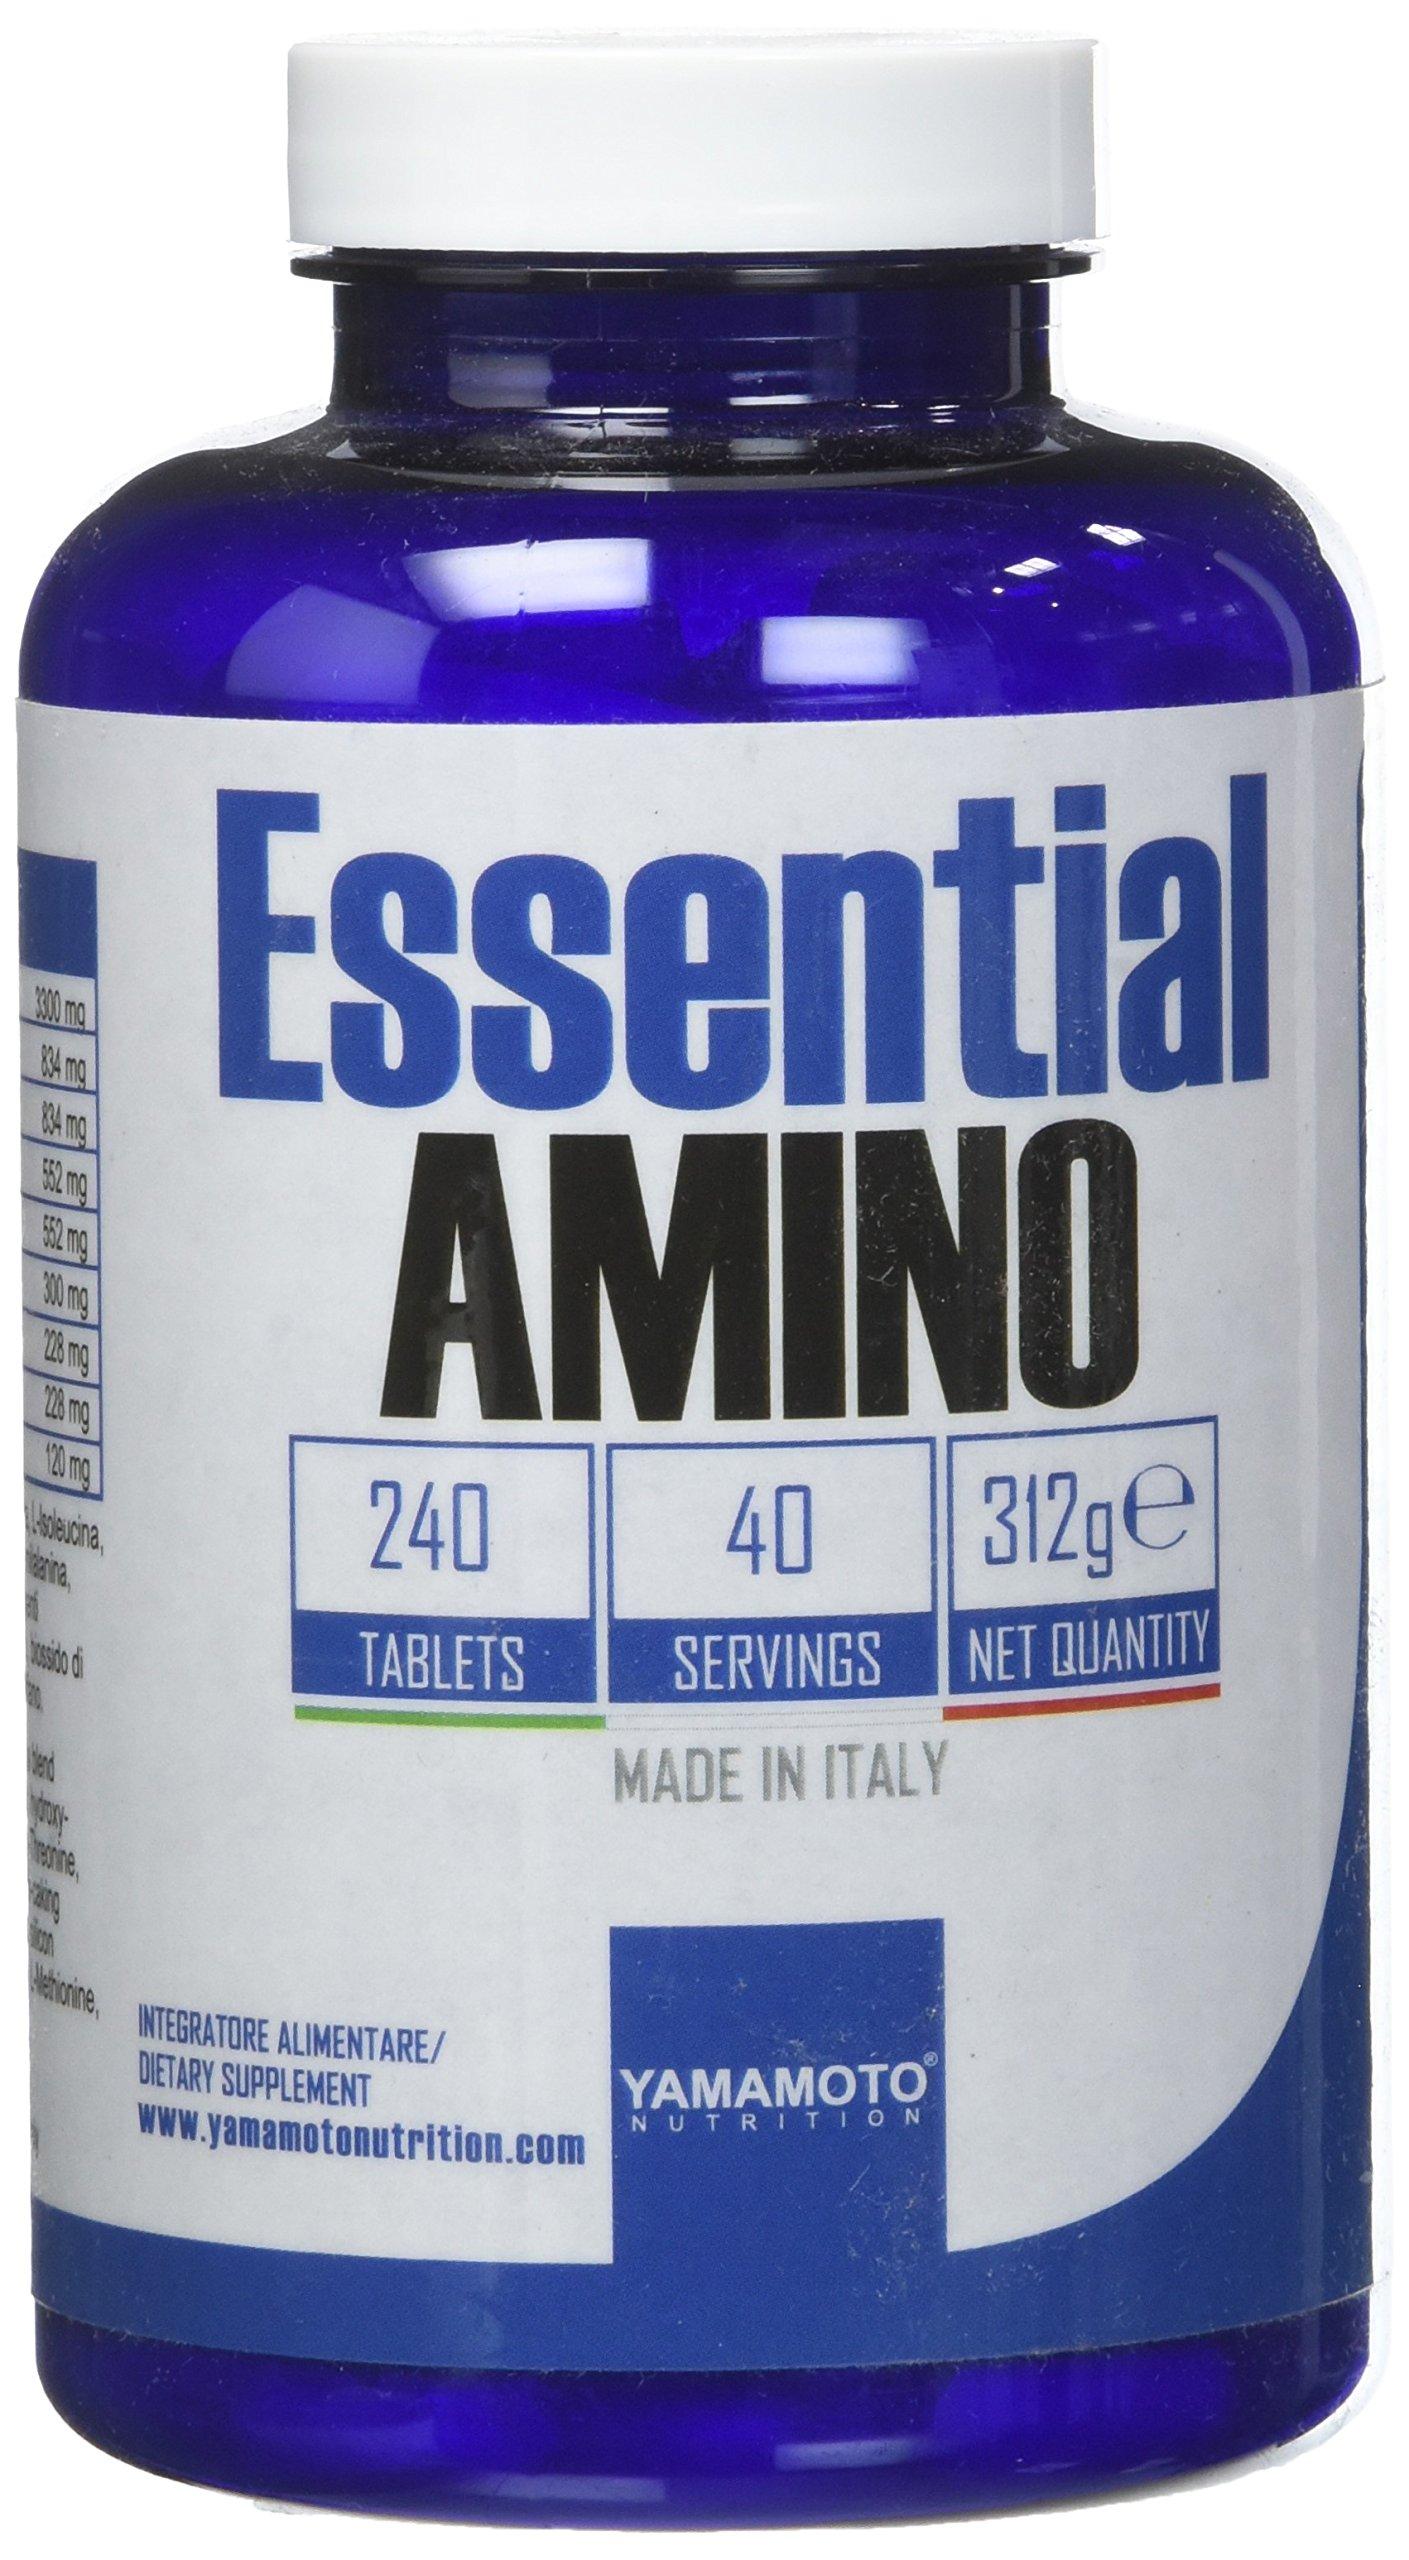 Yamamoto Nutrition Essential AMINO integratore di aminoacidi essenziali 240 compresse 1 spesavip